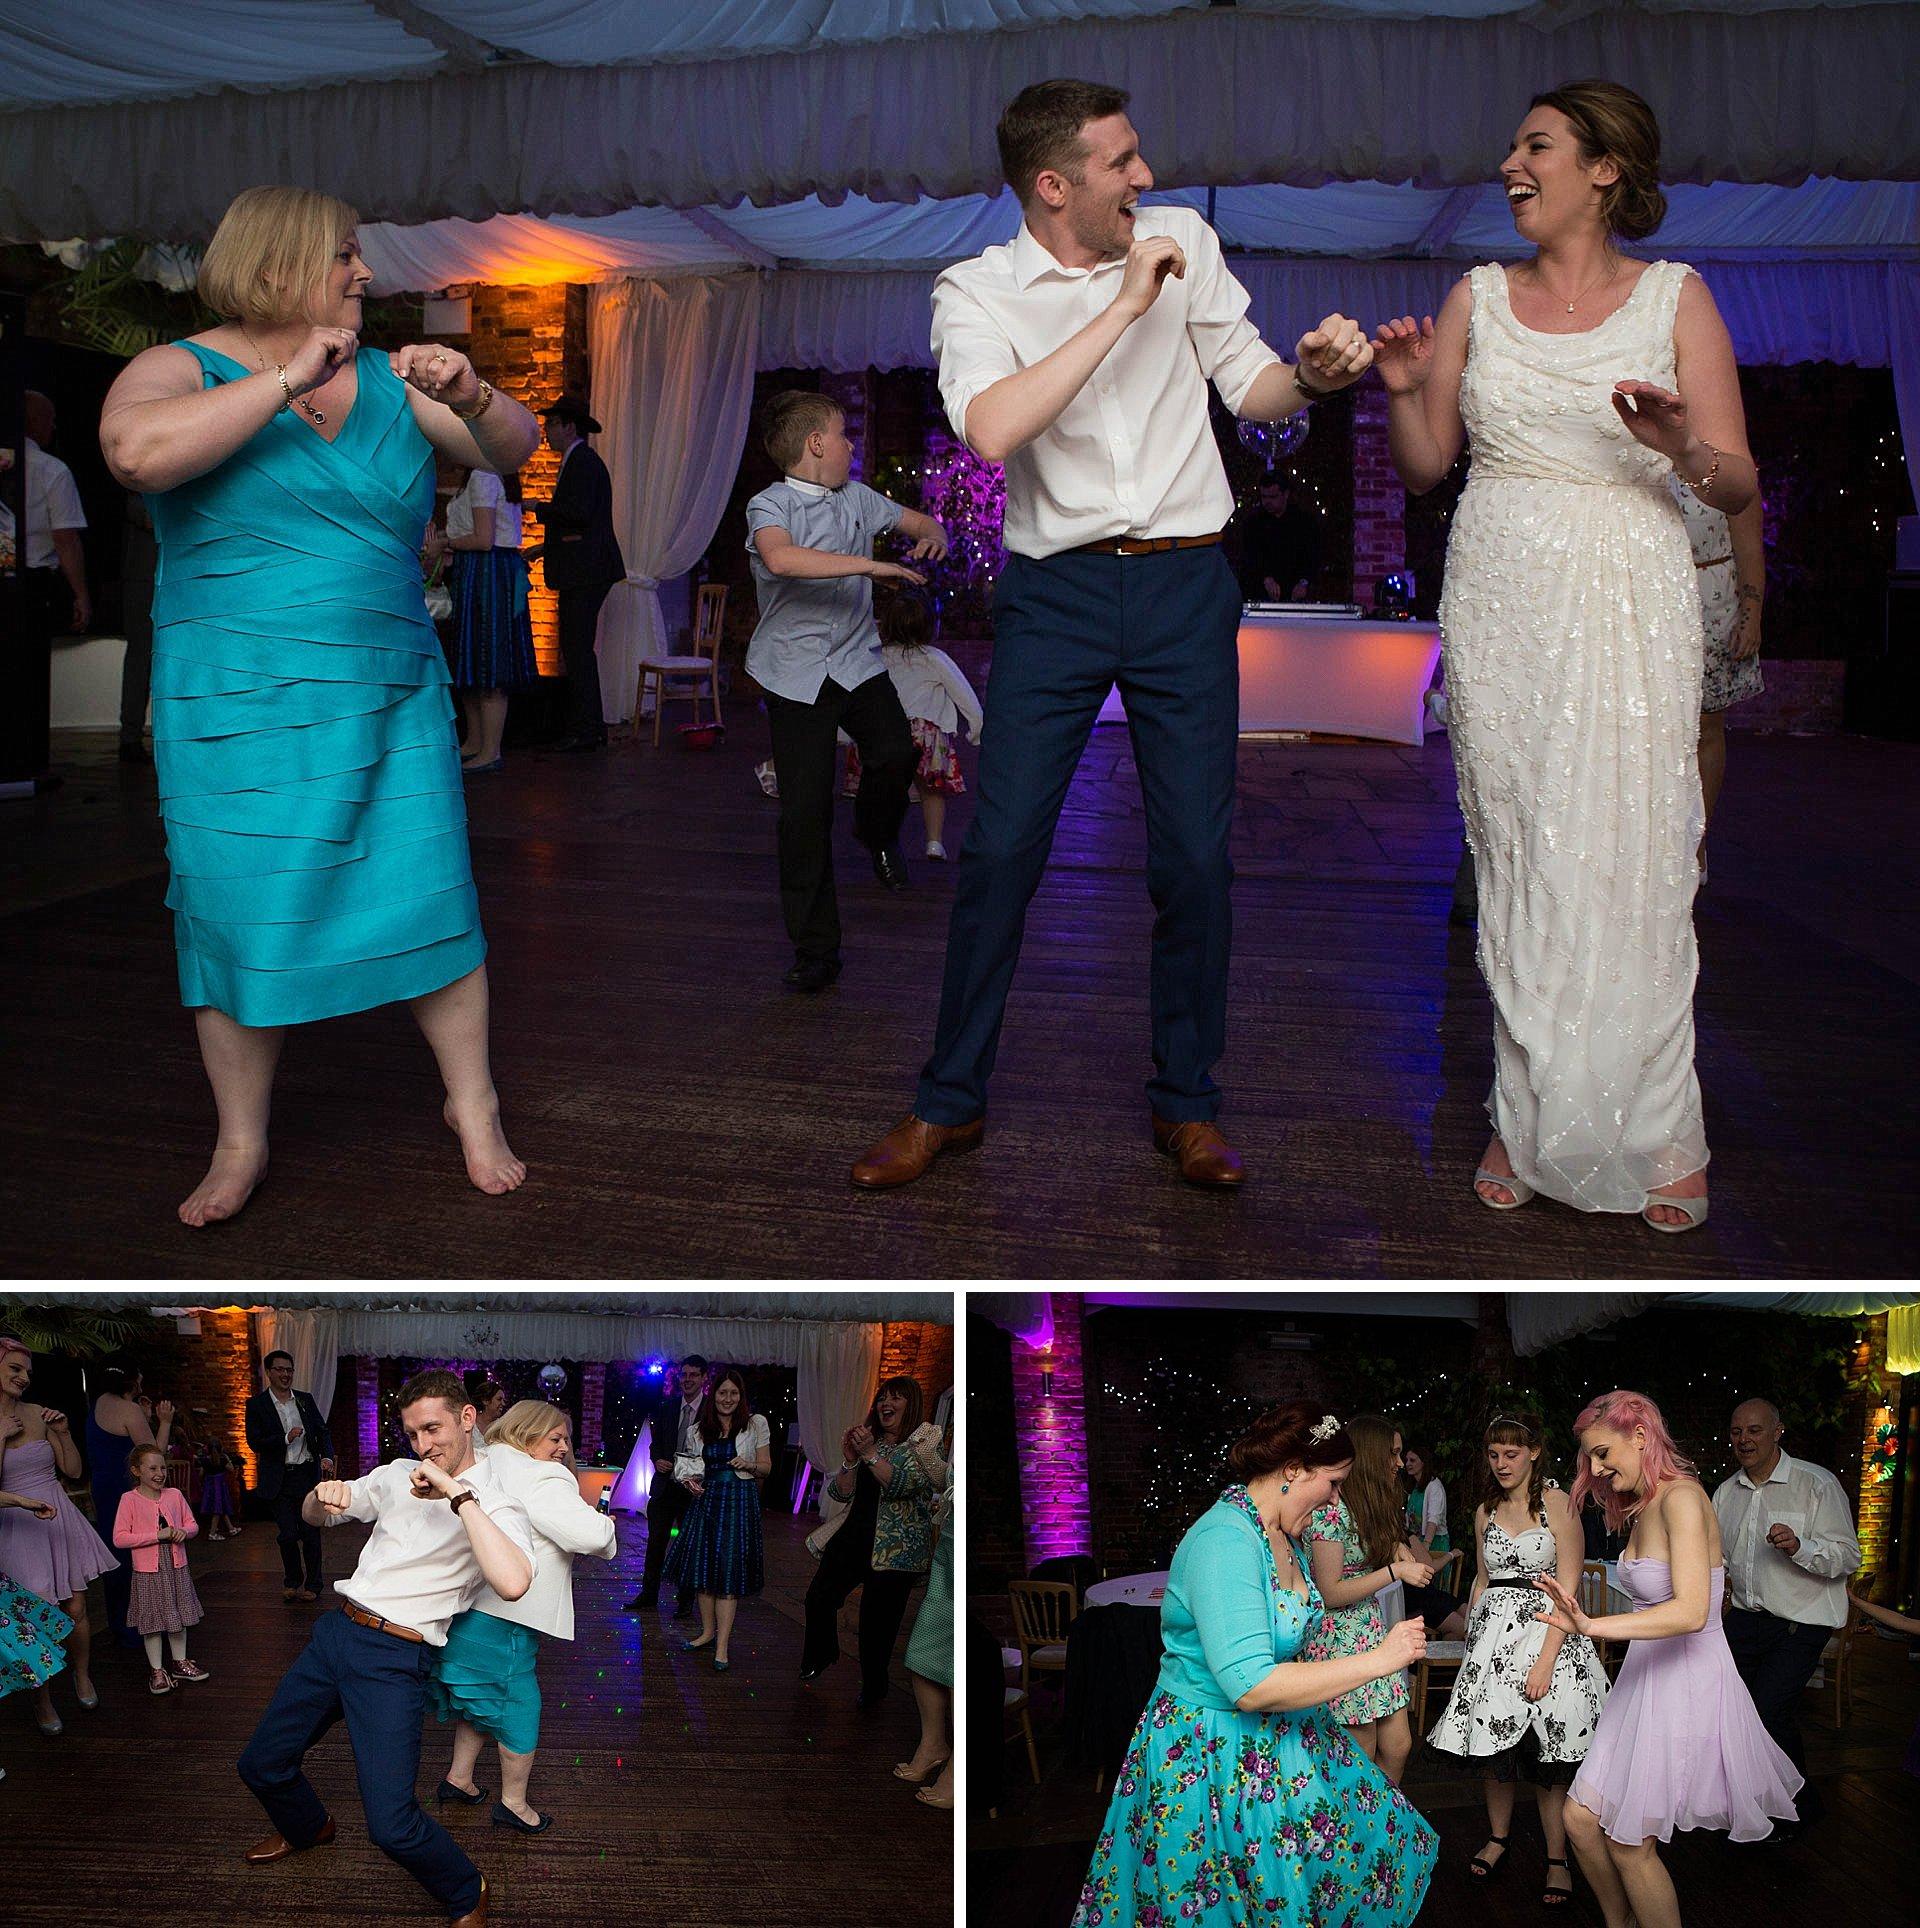 Surrey wedding photography - dancing